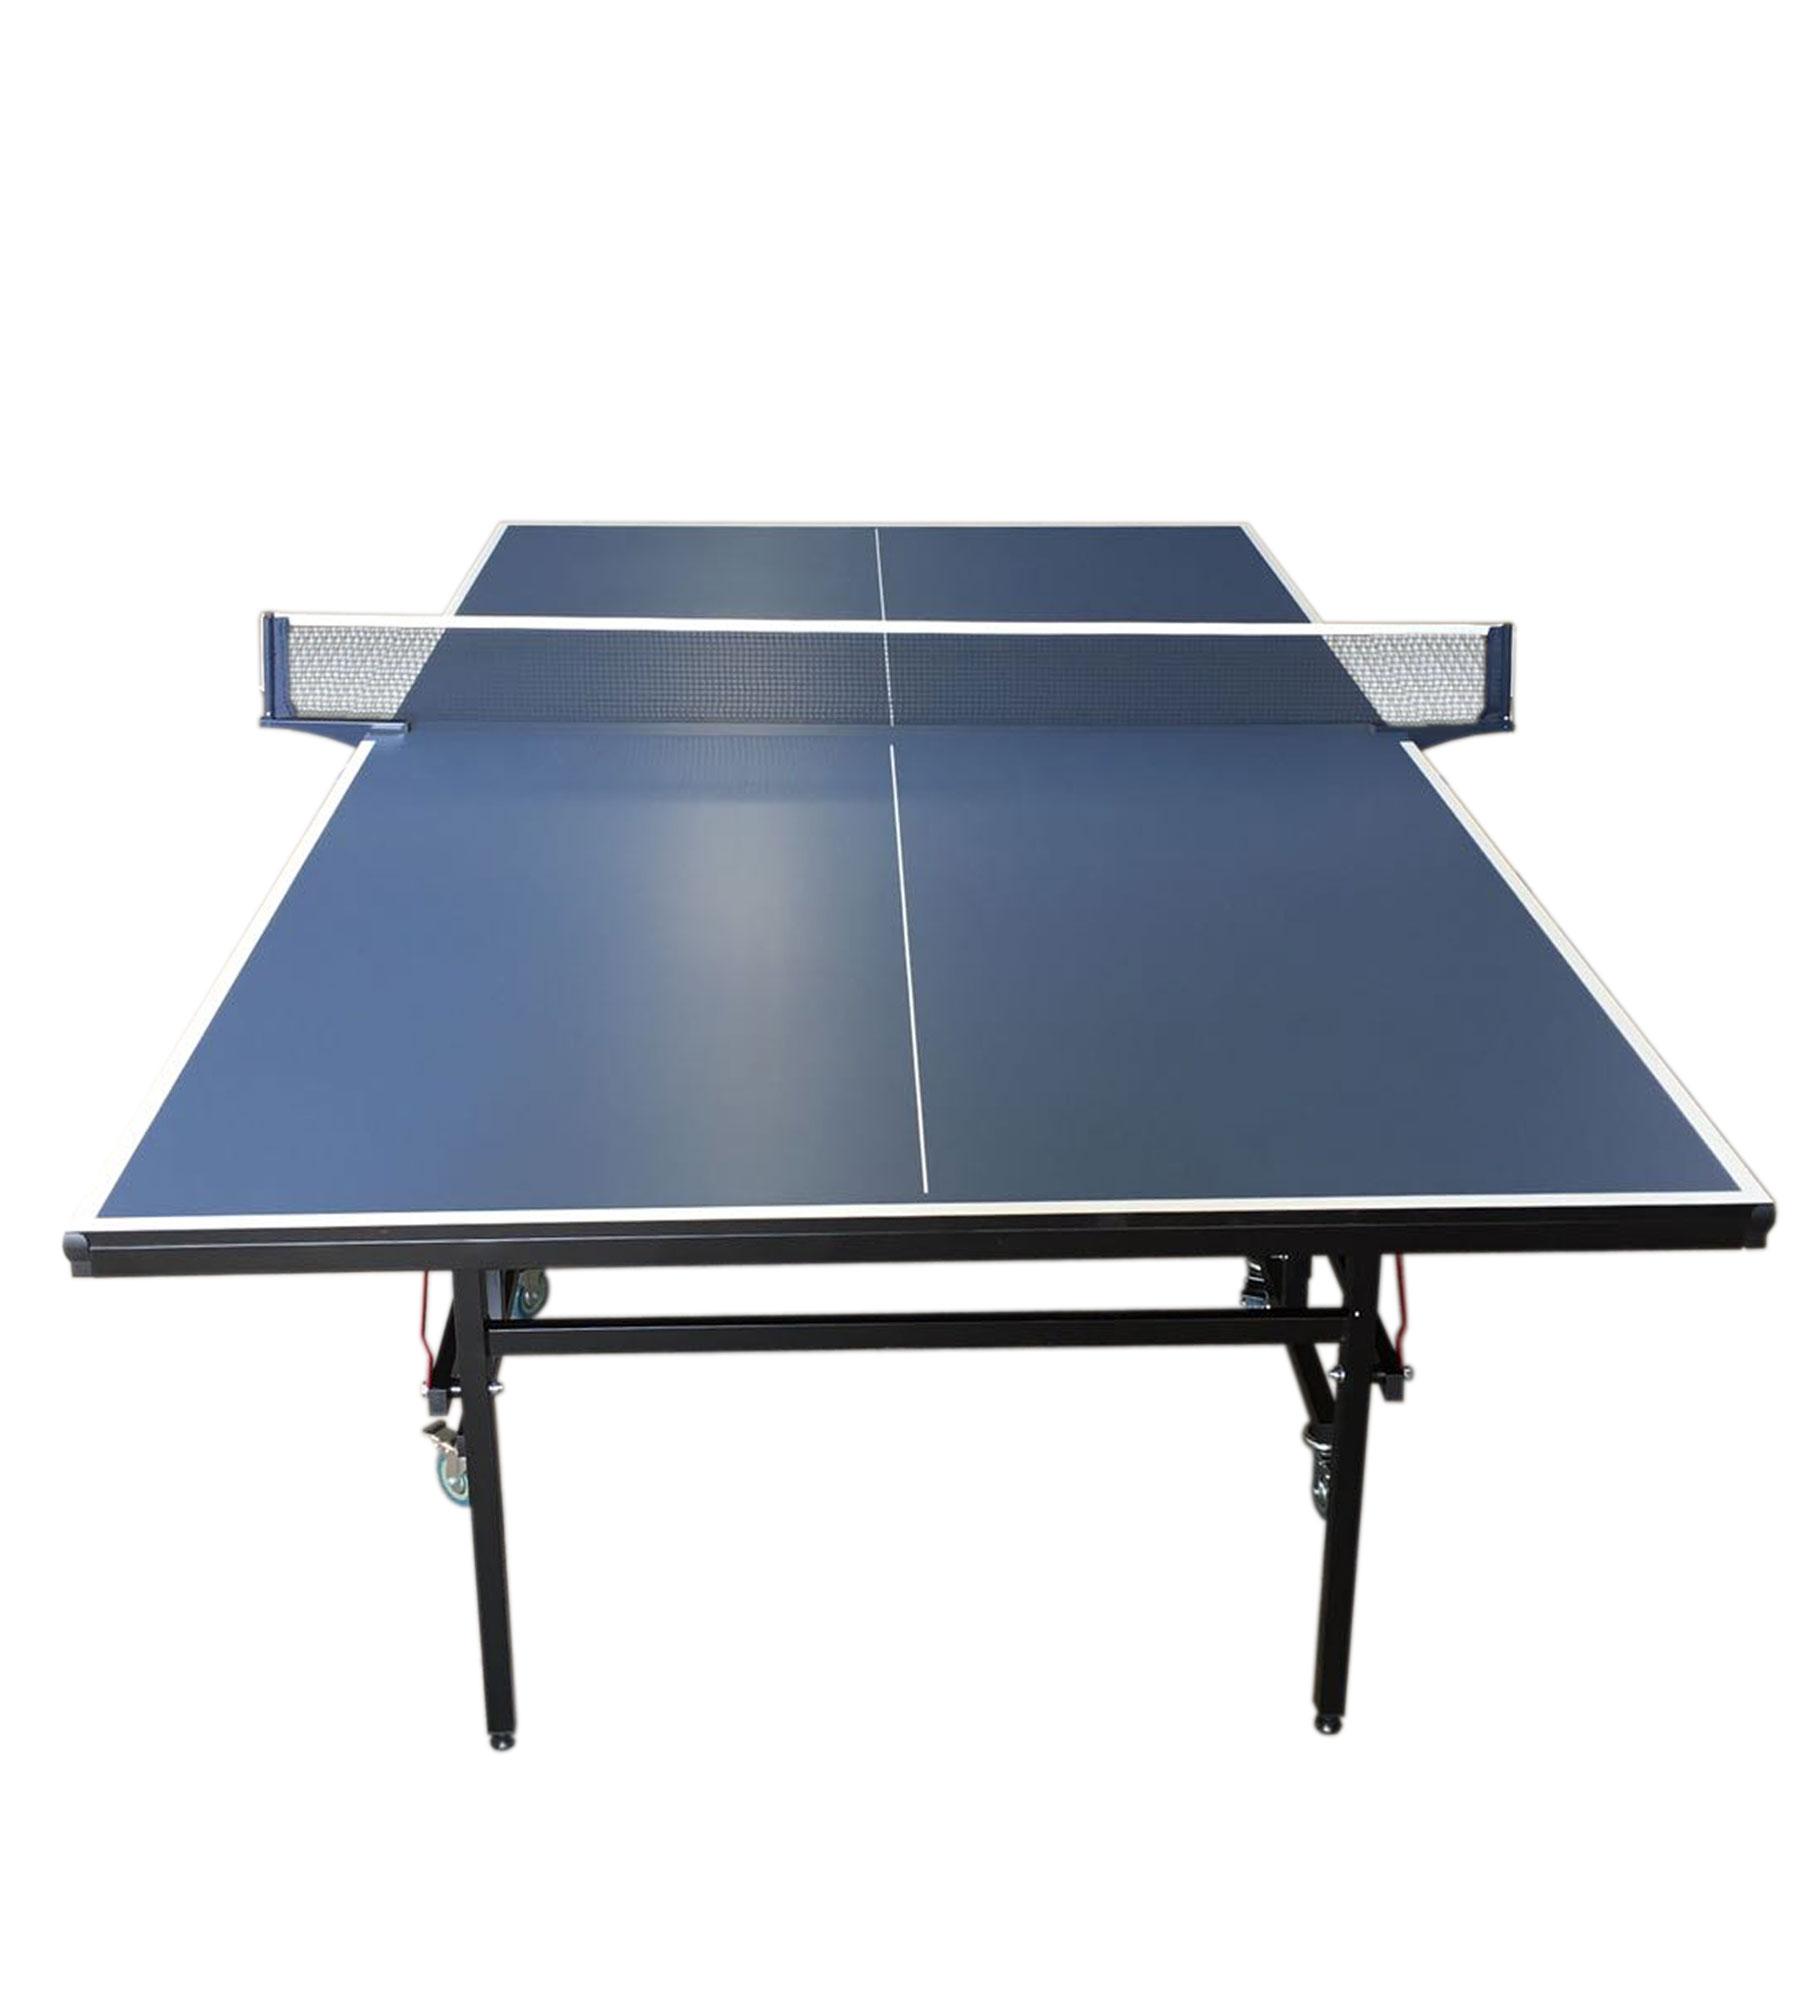 Tavolo ping pong professionale tennis da tavolo blue con rete modello roby ebay - Misure tavolo da ping pong professionale ...